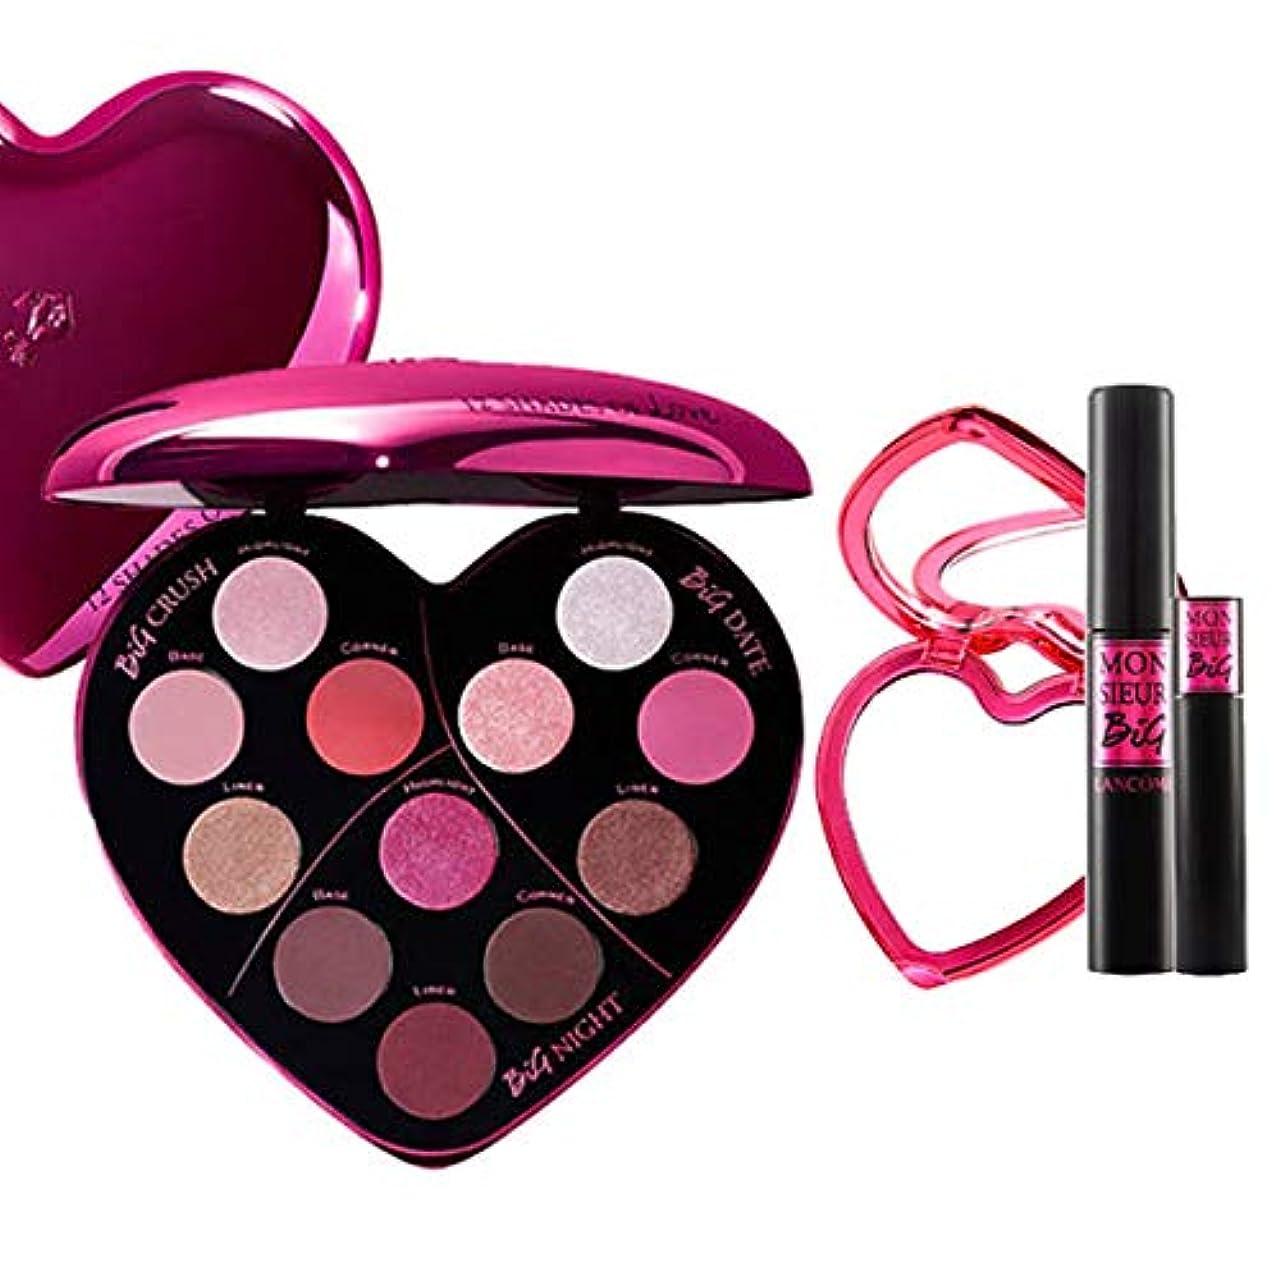 もっと問い合わせるどれでもランコム(LANCOME), 限定版 limited-edition Monsieur Big Heart-Shaped Eyeshadow Palette + Monsieur Big Birthday Mascara...